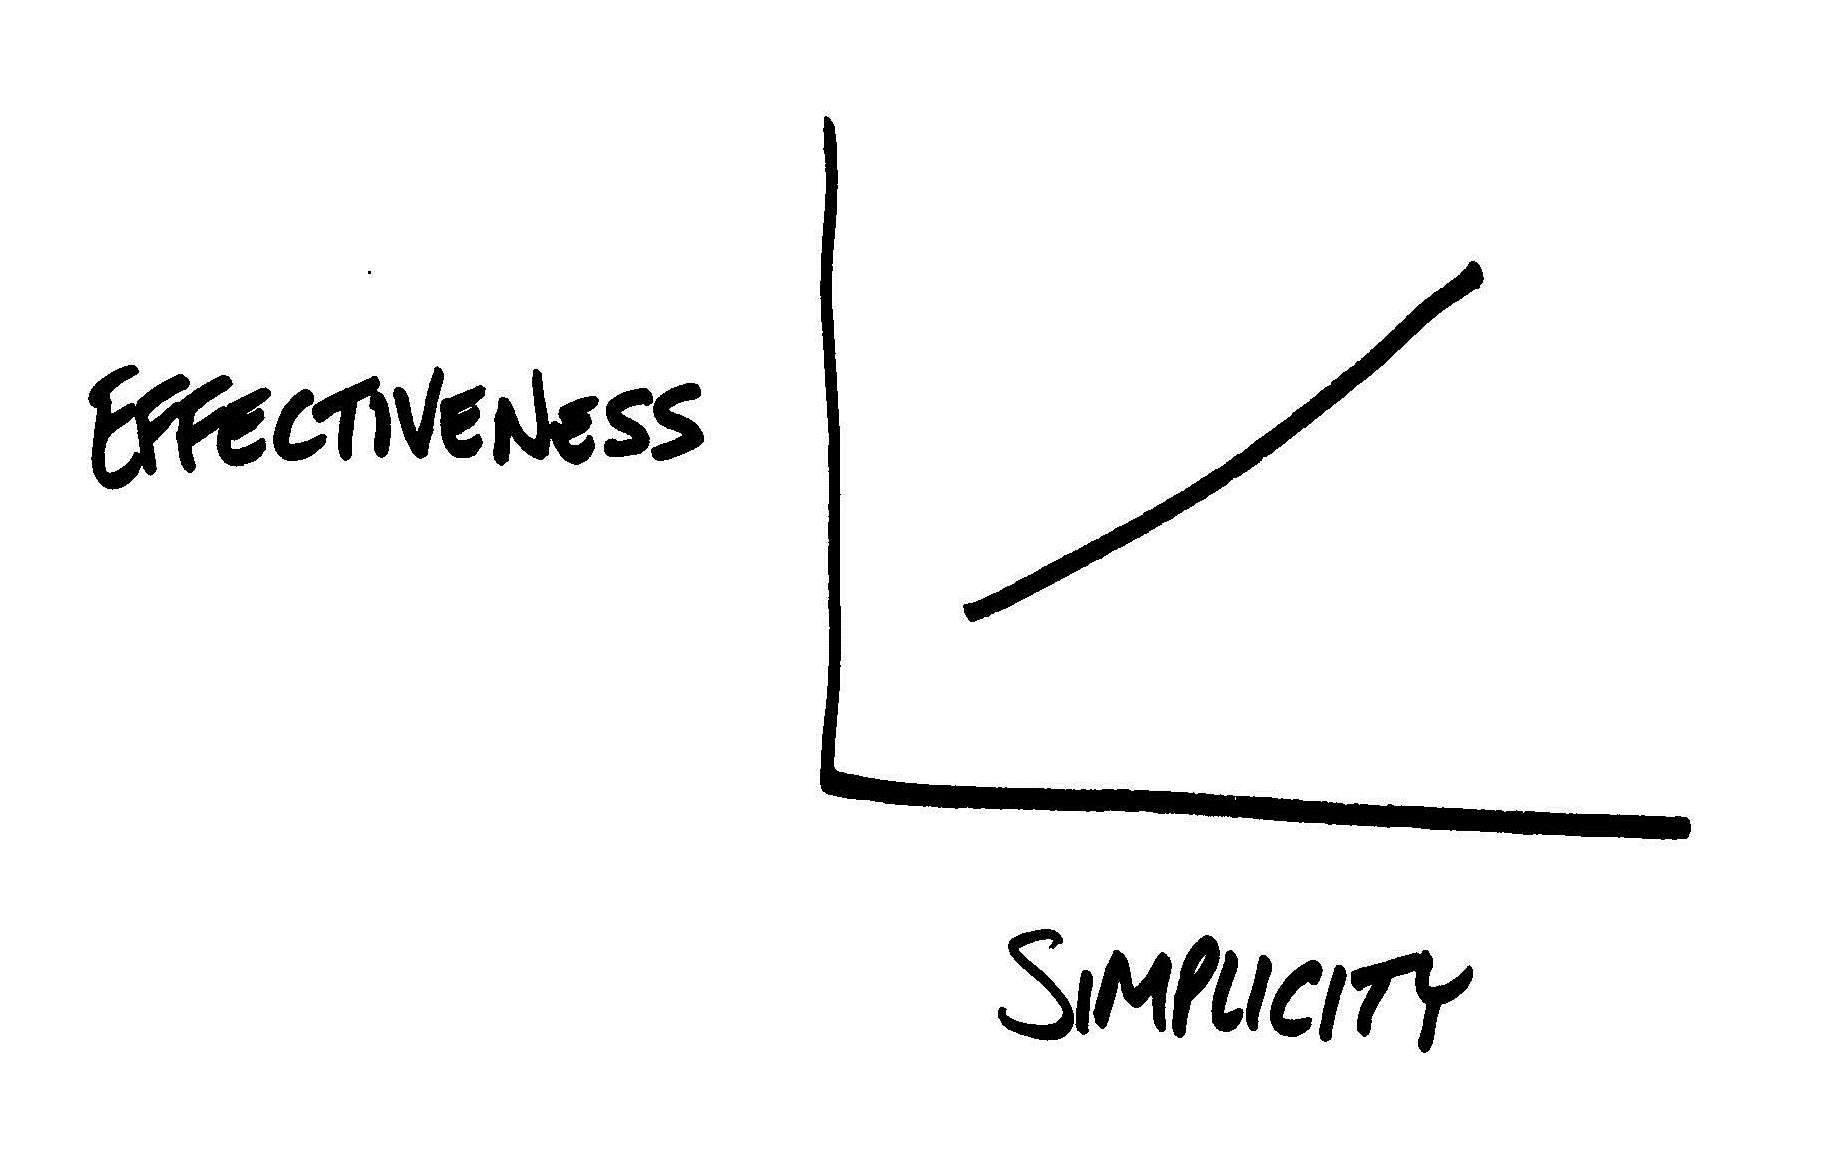 O PM Canvas traz simplicidade para o gerenciamento de projetos